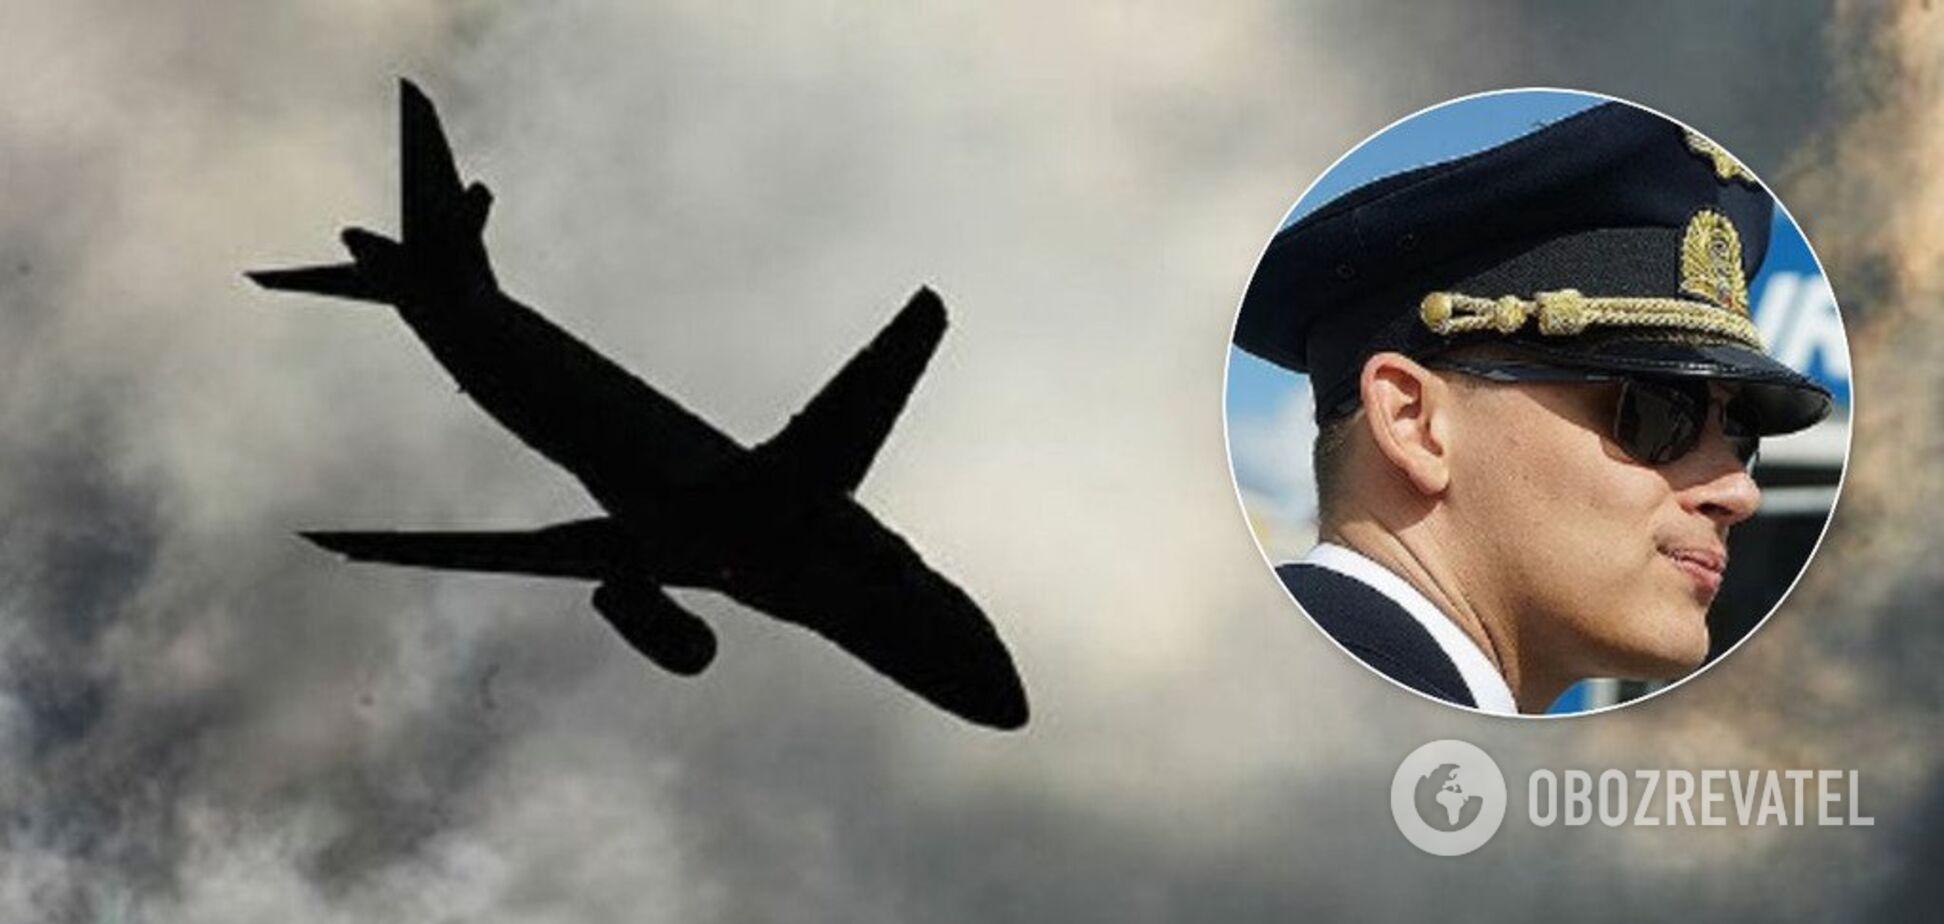 Бояться навіть пілоти: названі найнебезпечніші місця в світі для перельотів